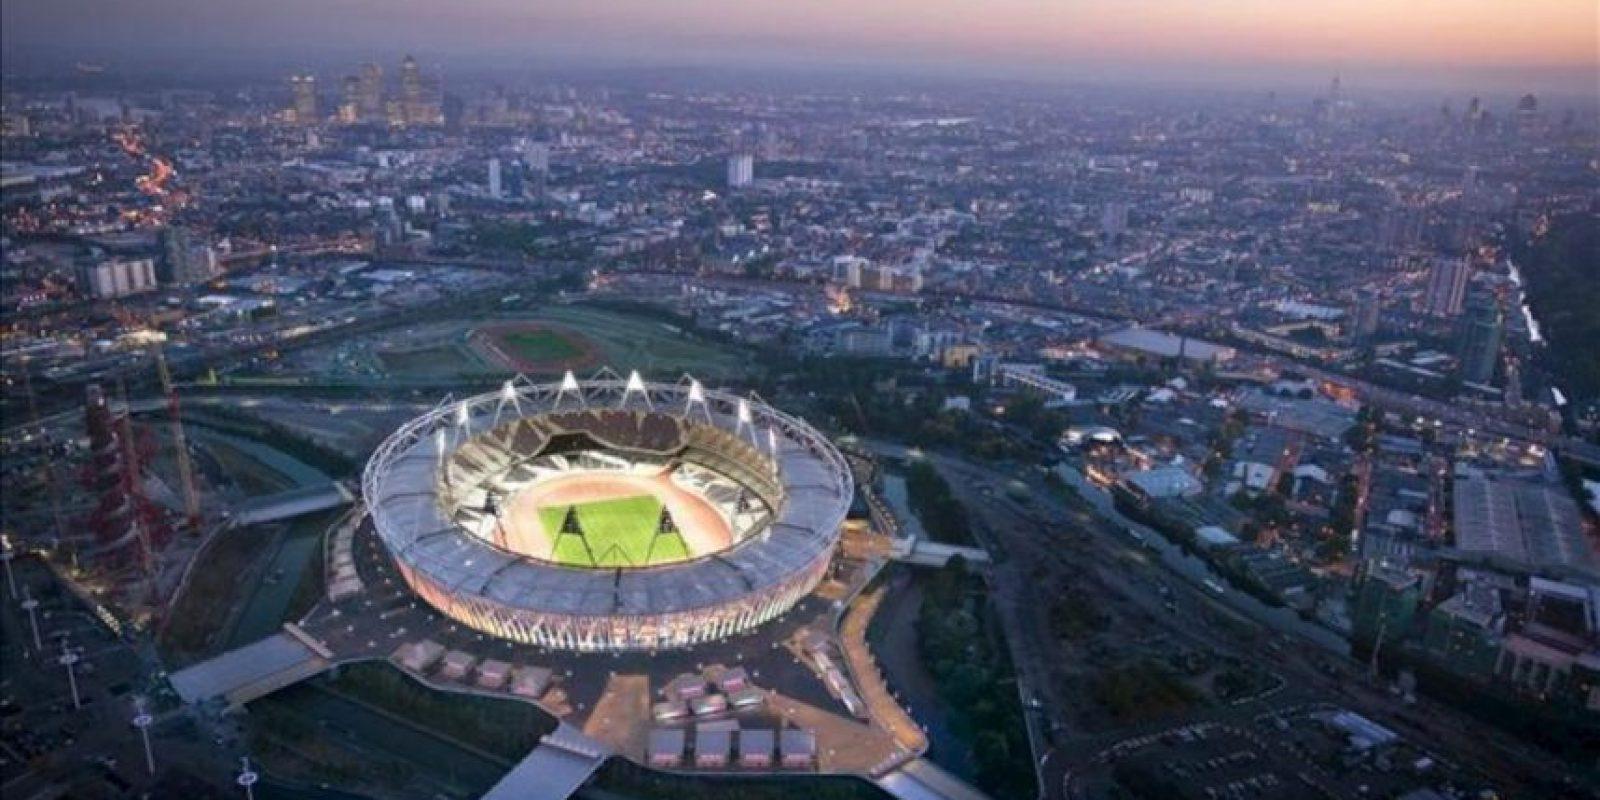 Fotografía facilitada por Getty Images de una vista aérea del estadio olímpico en Londres que da este miércoles el pistoletazo de salida a la cuenta atrás de 100 días para los Juegos con las instalaciones deportivas concluidas pero con el reto de inculcar el espíritu olímpico a unos ciudadanos preocupados por el impacto de los Juegos en su vida diaria. EFE